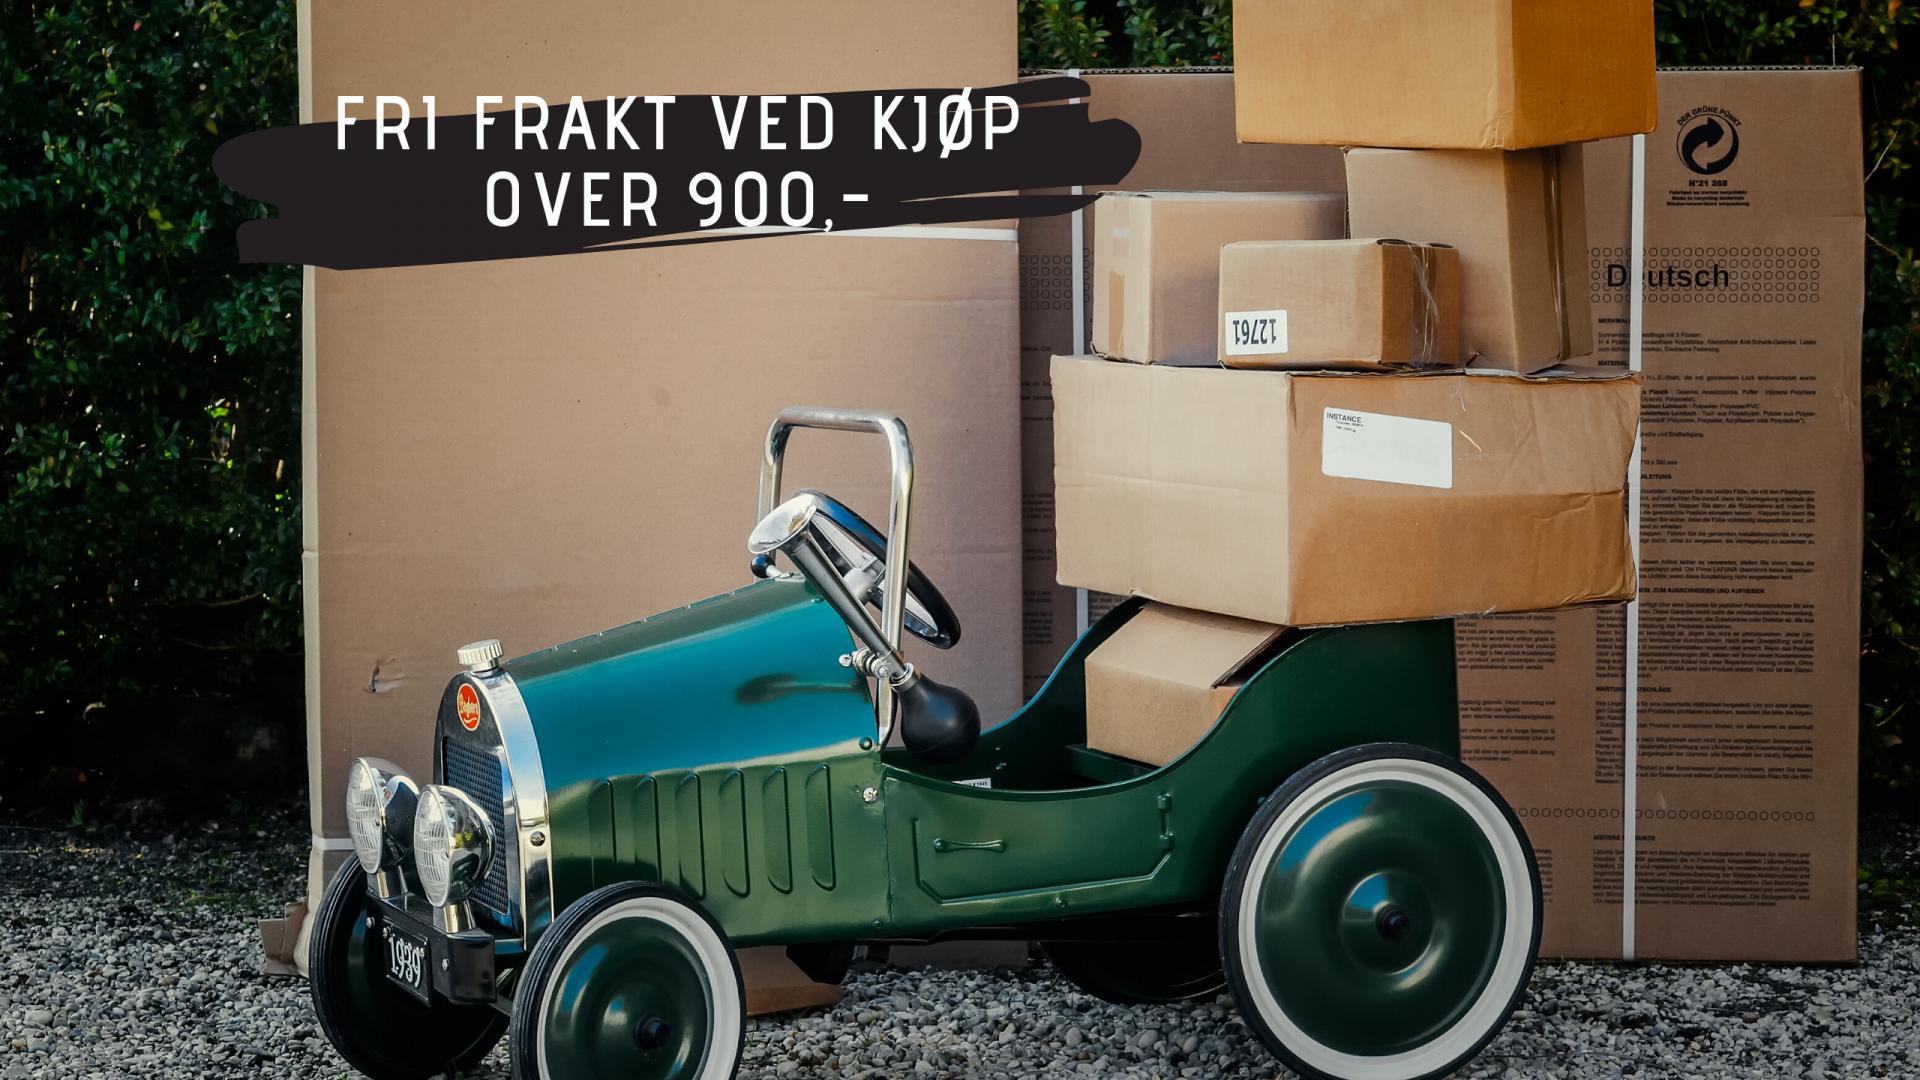 Frifrakt_900